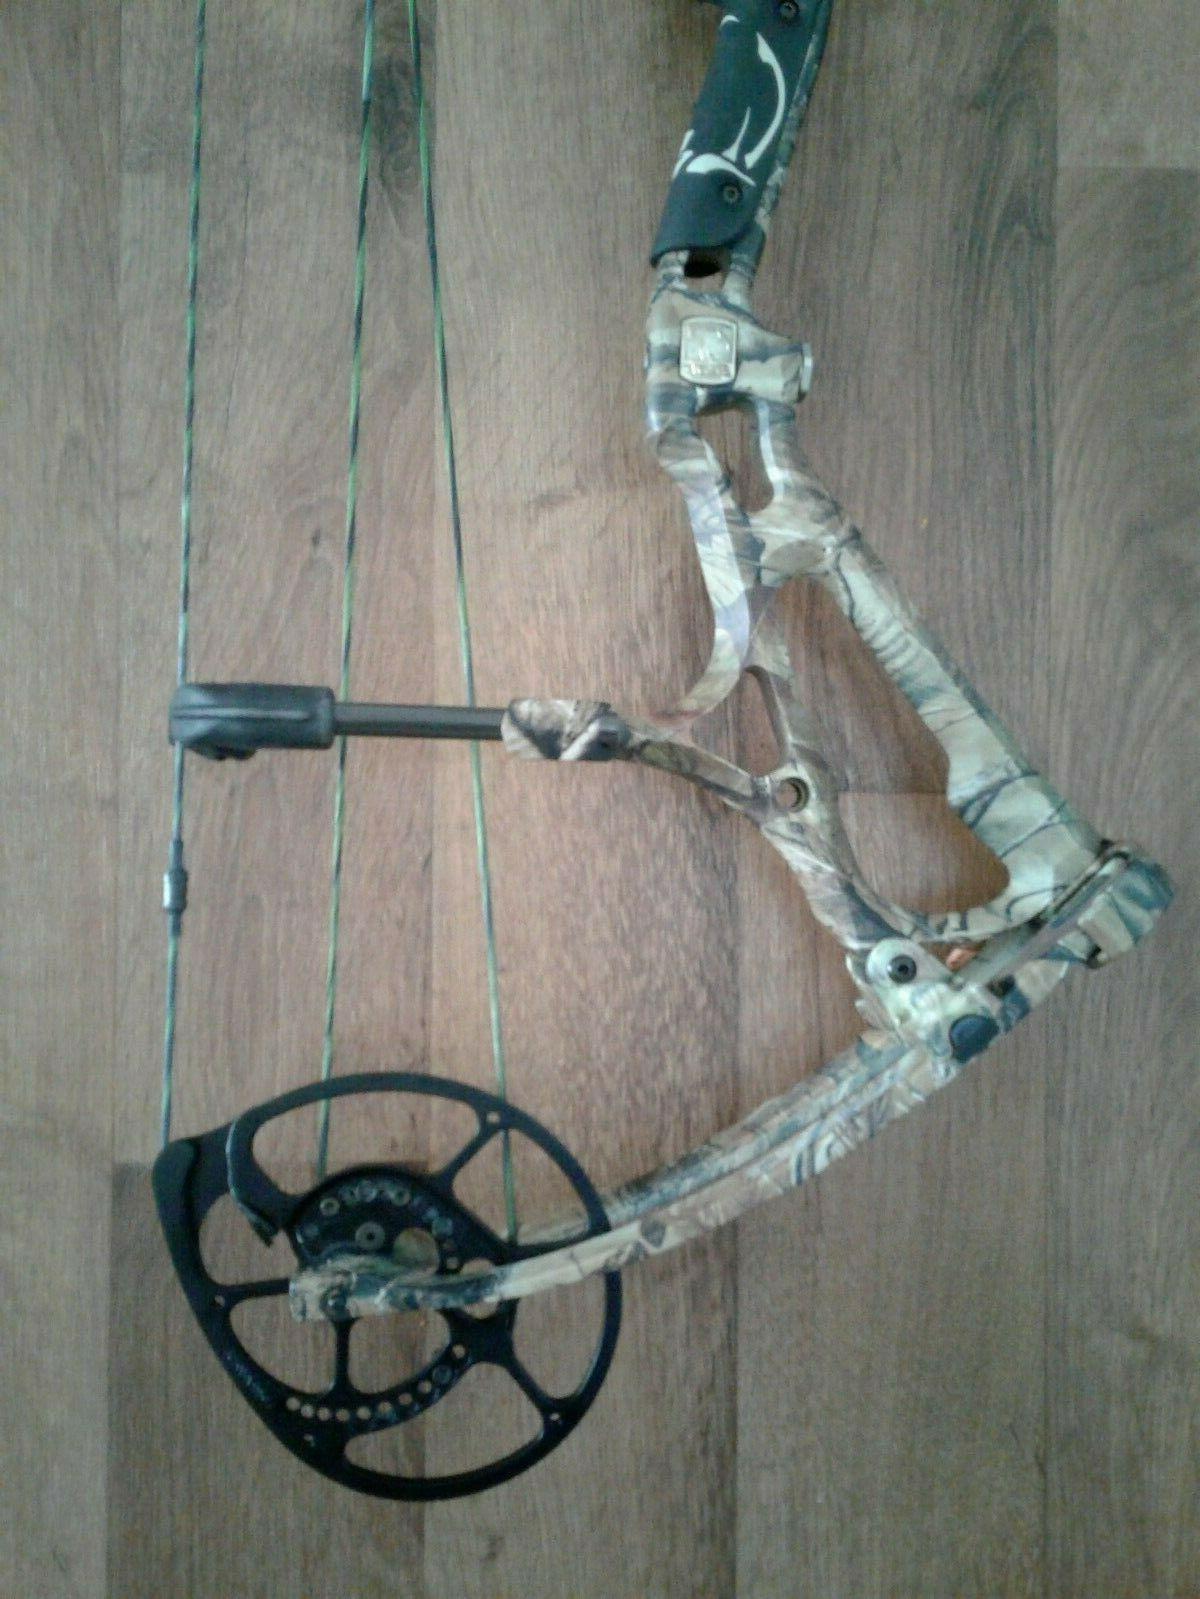 Bear Archery Motive 6 Compound